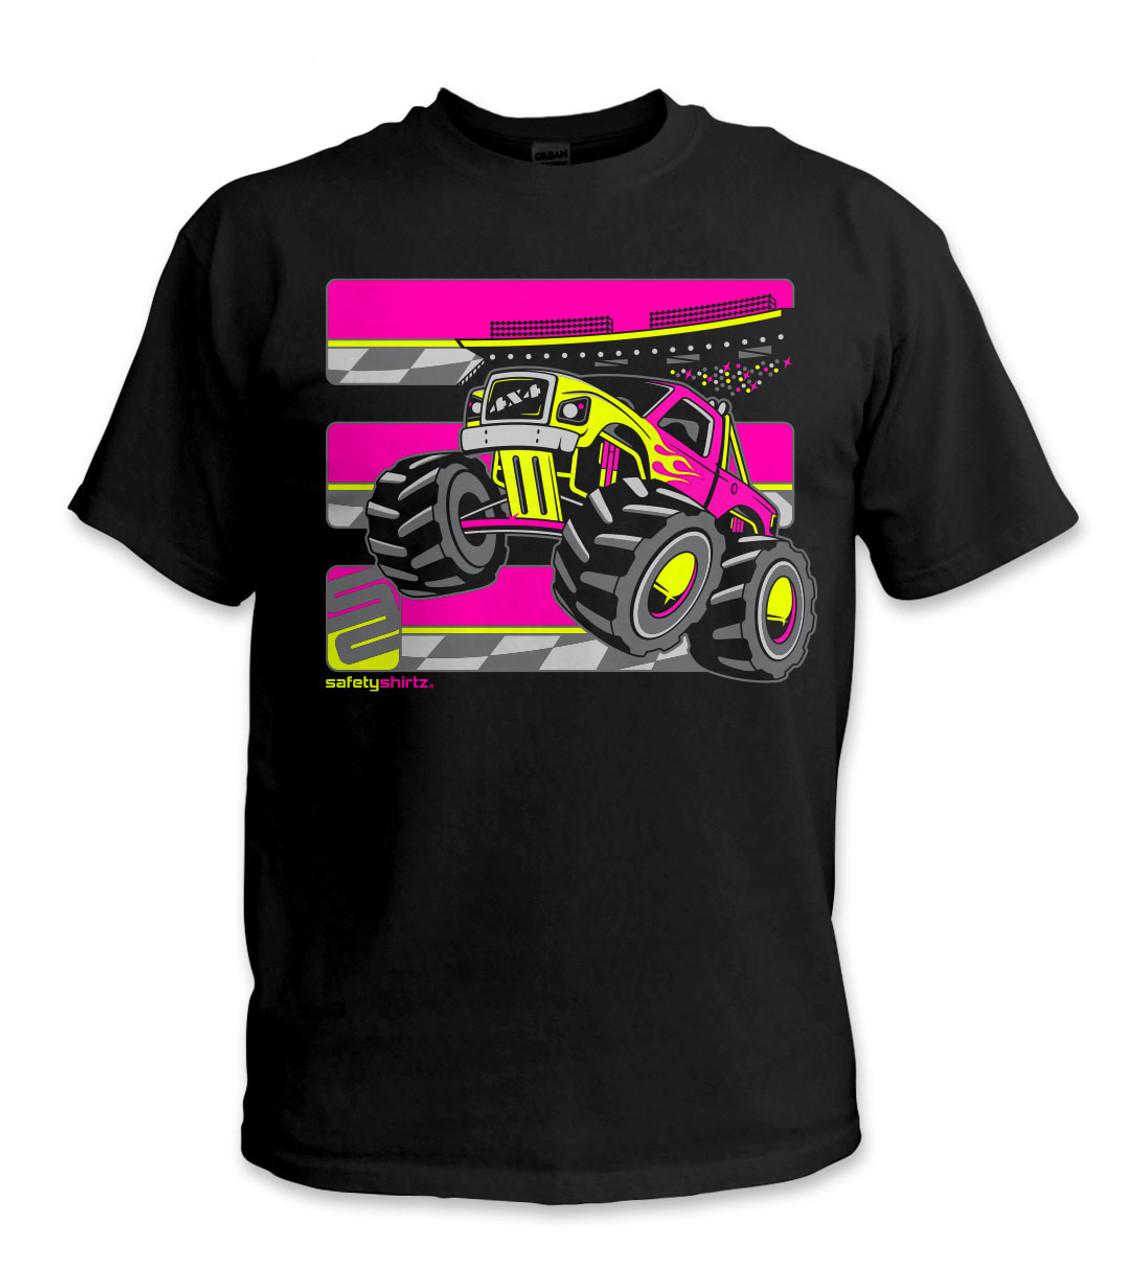 Safetyshirtz Youth Monster Truck Safety Shirt Pink Yellow Black Safetyshirtz